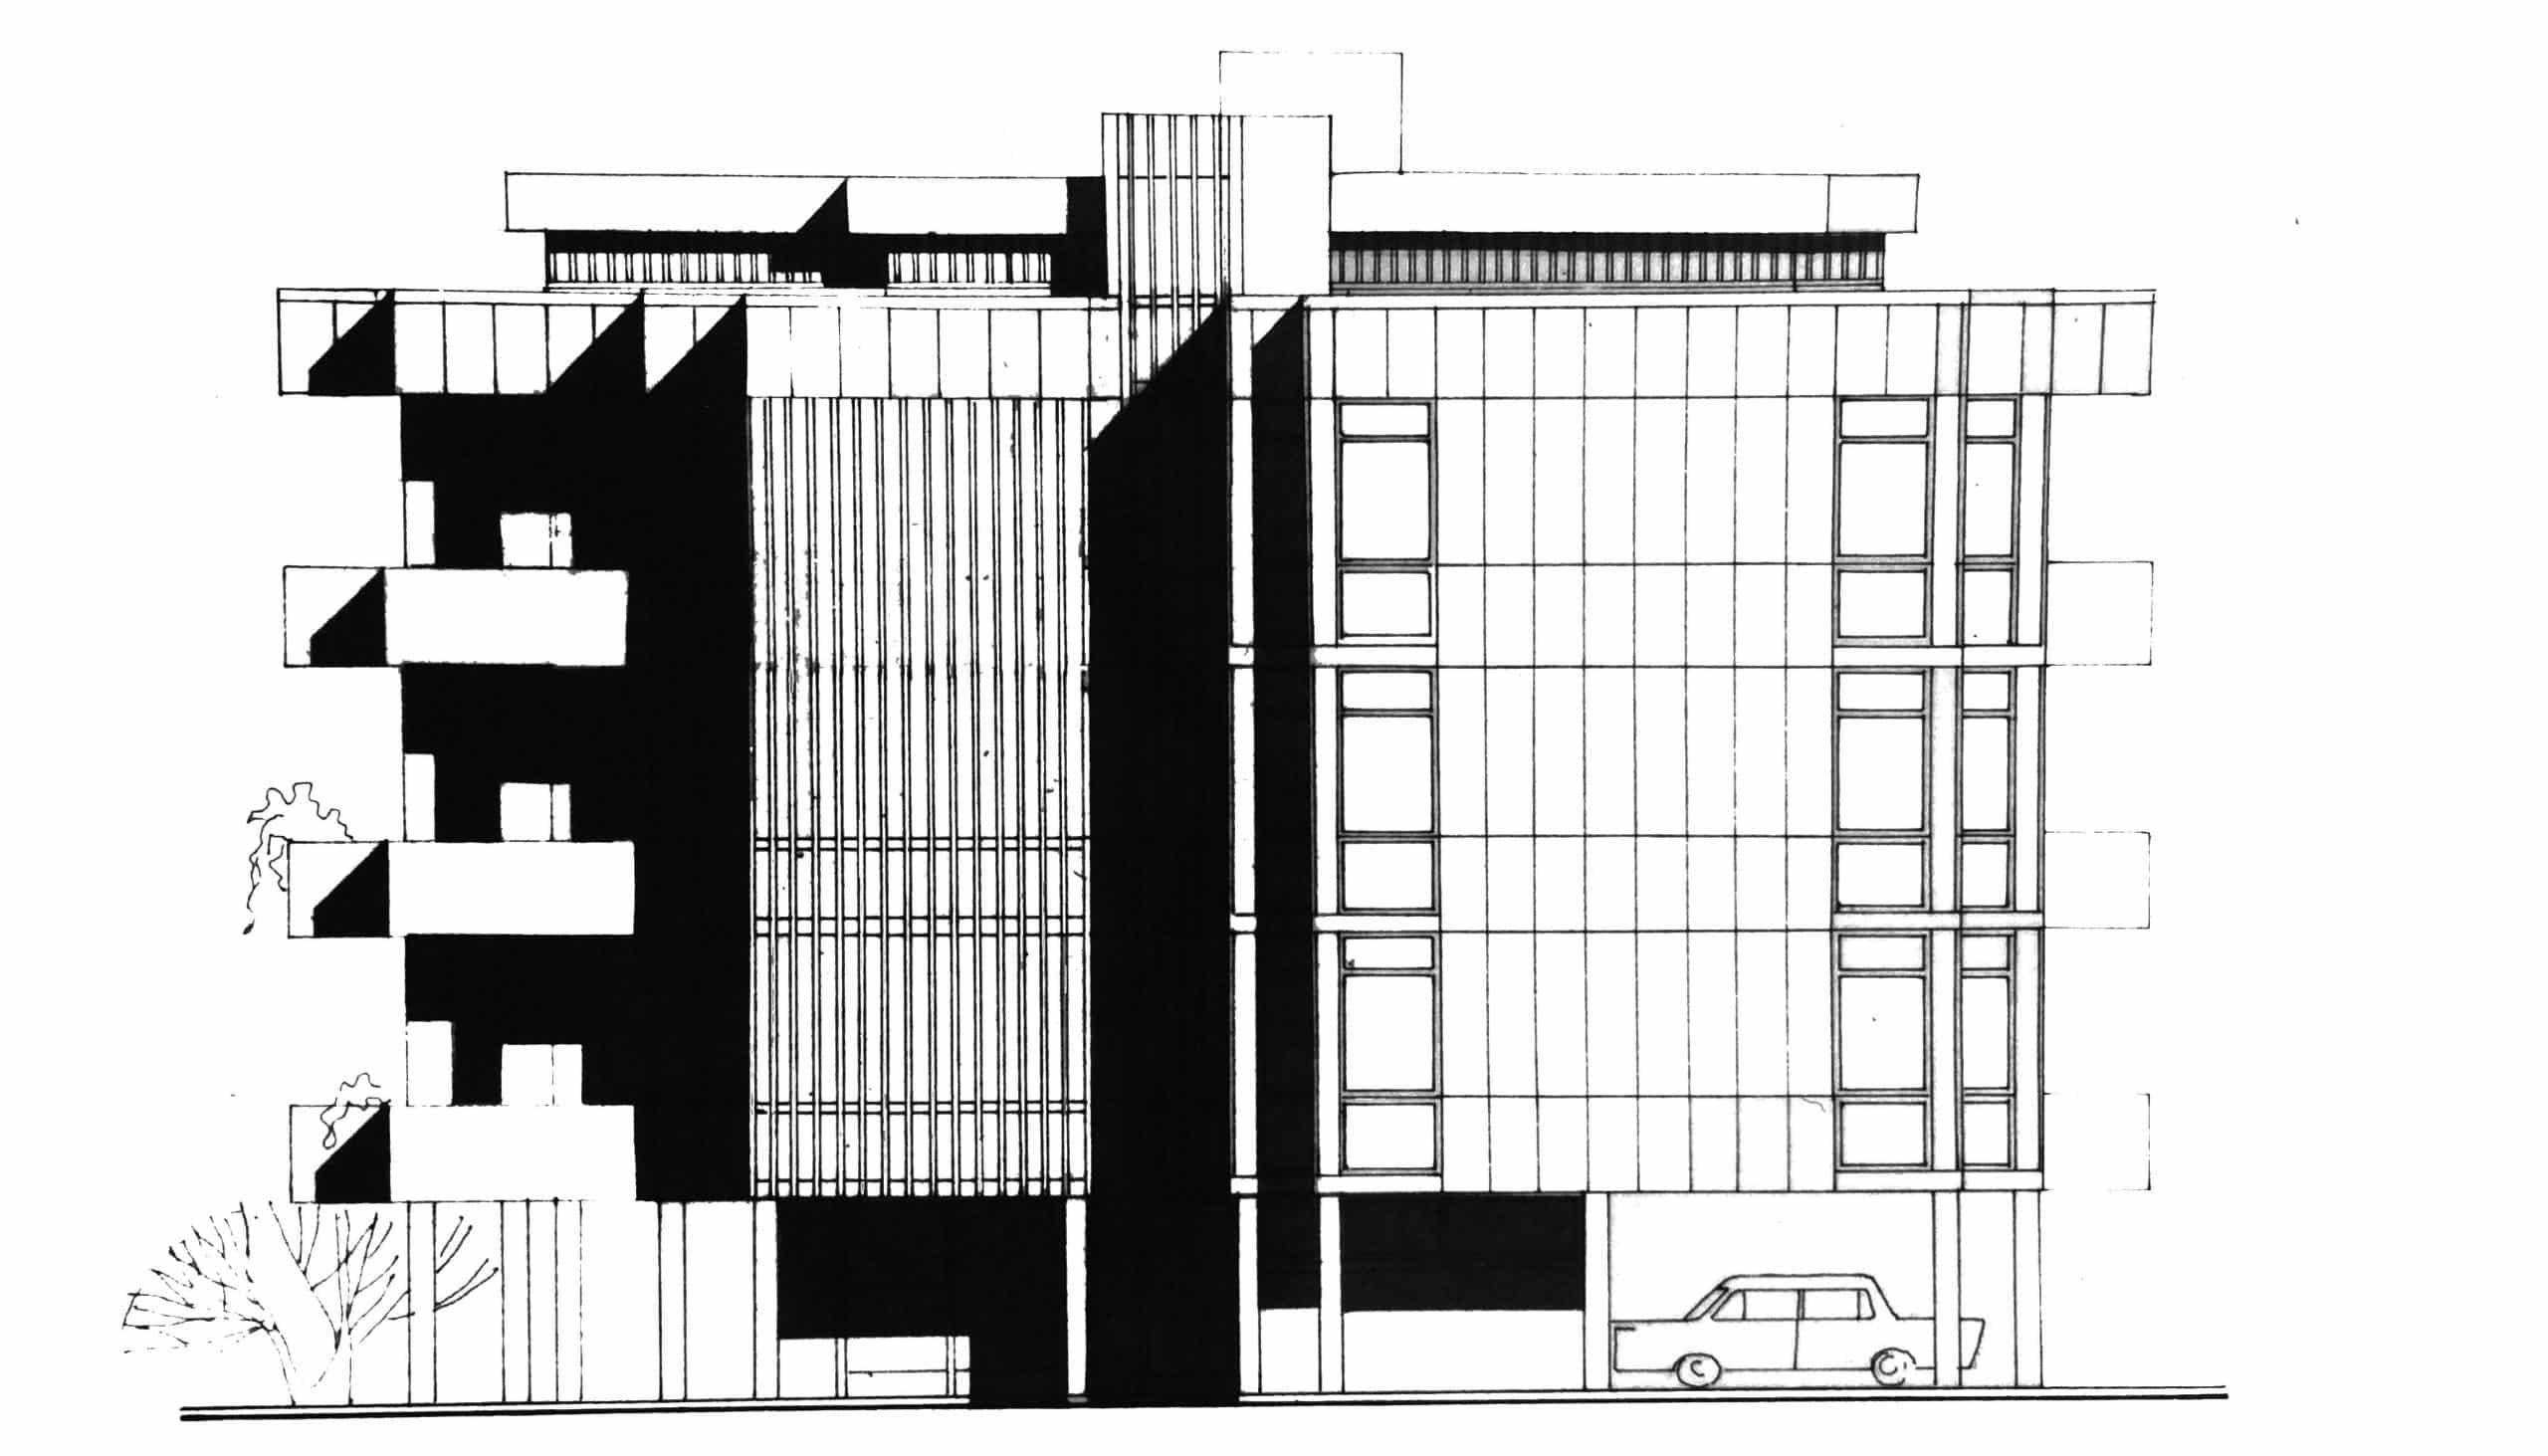 9 - Complesso di due edifici residenziali per 12 alloggi nel PdZ Roma - Casal dei Pazzi; con R. De Vito - Prospetto nord-est